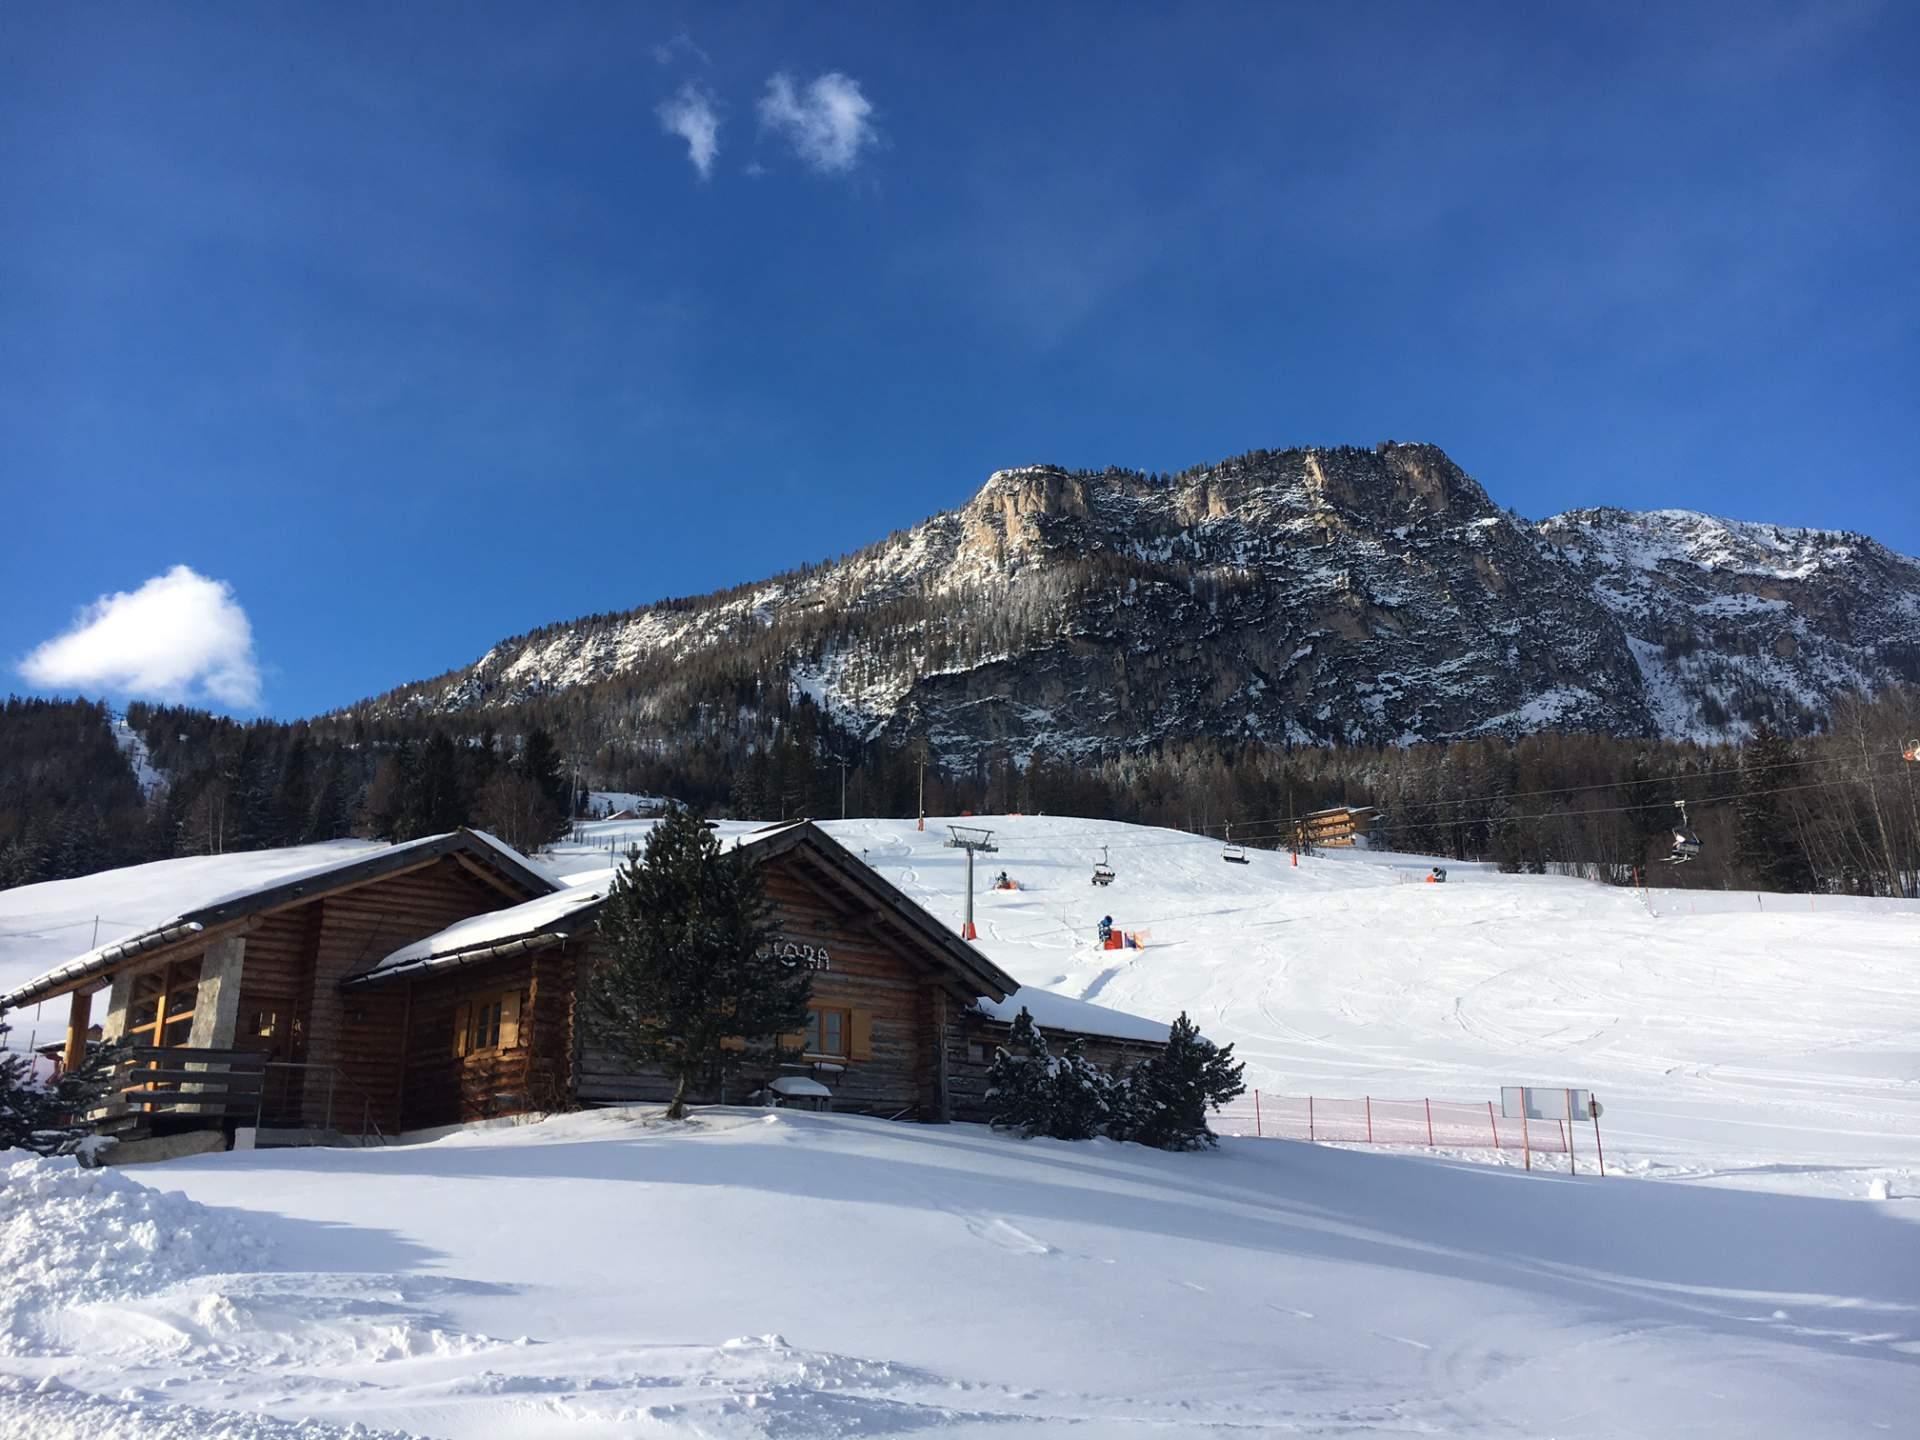 Busreis ski Dolomiti Superski & Kronplatz Alta Badia